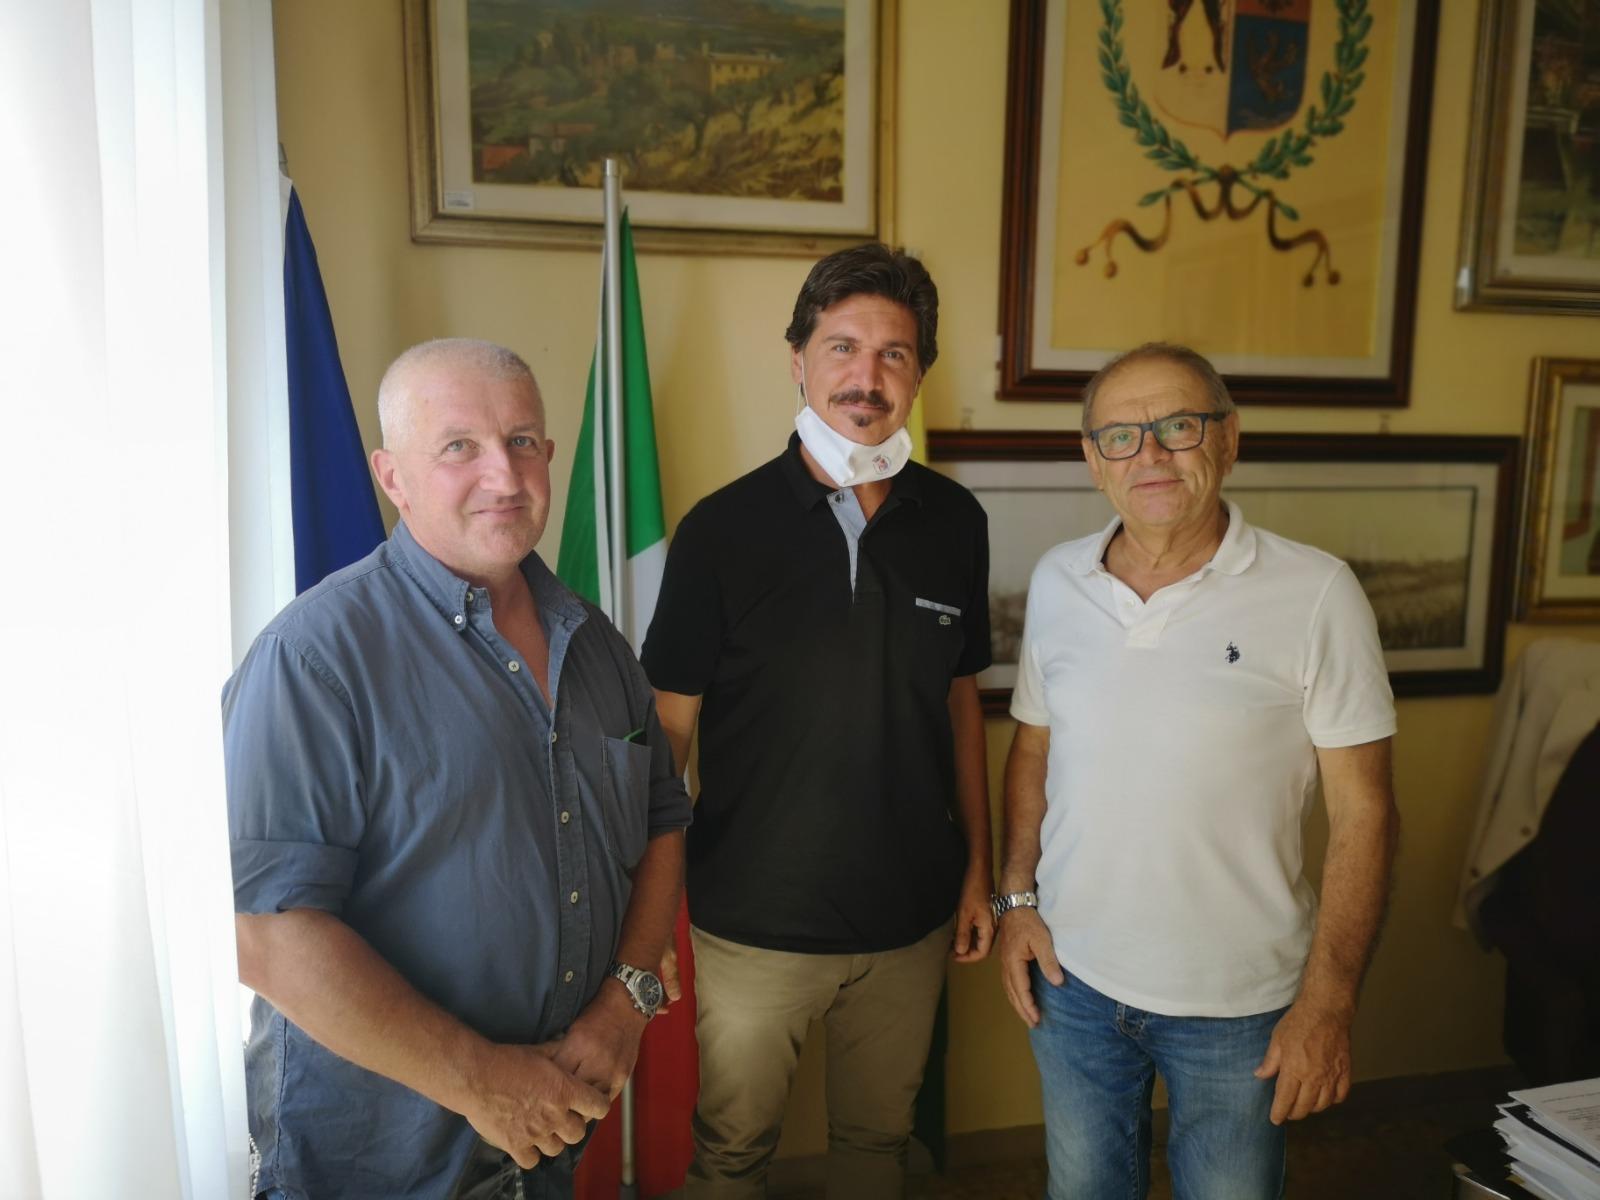 Piena sintonia tra il consorzio vini Frascati e il comune di Monte Porzio per il rilancio del turismo locale